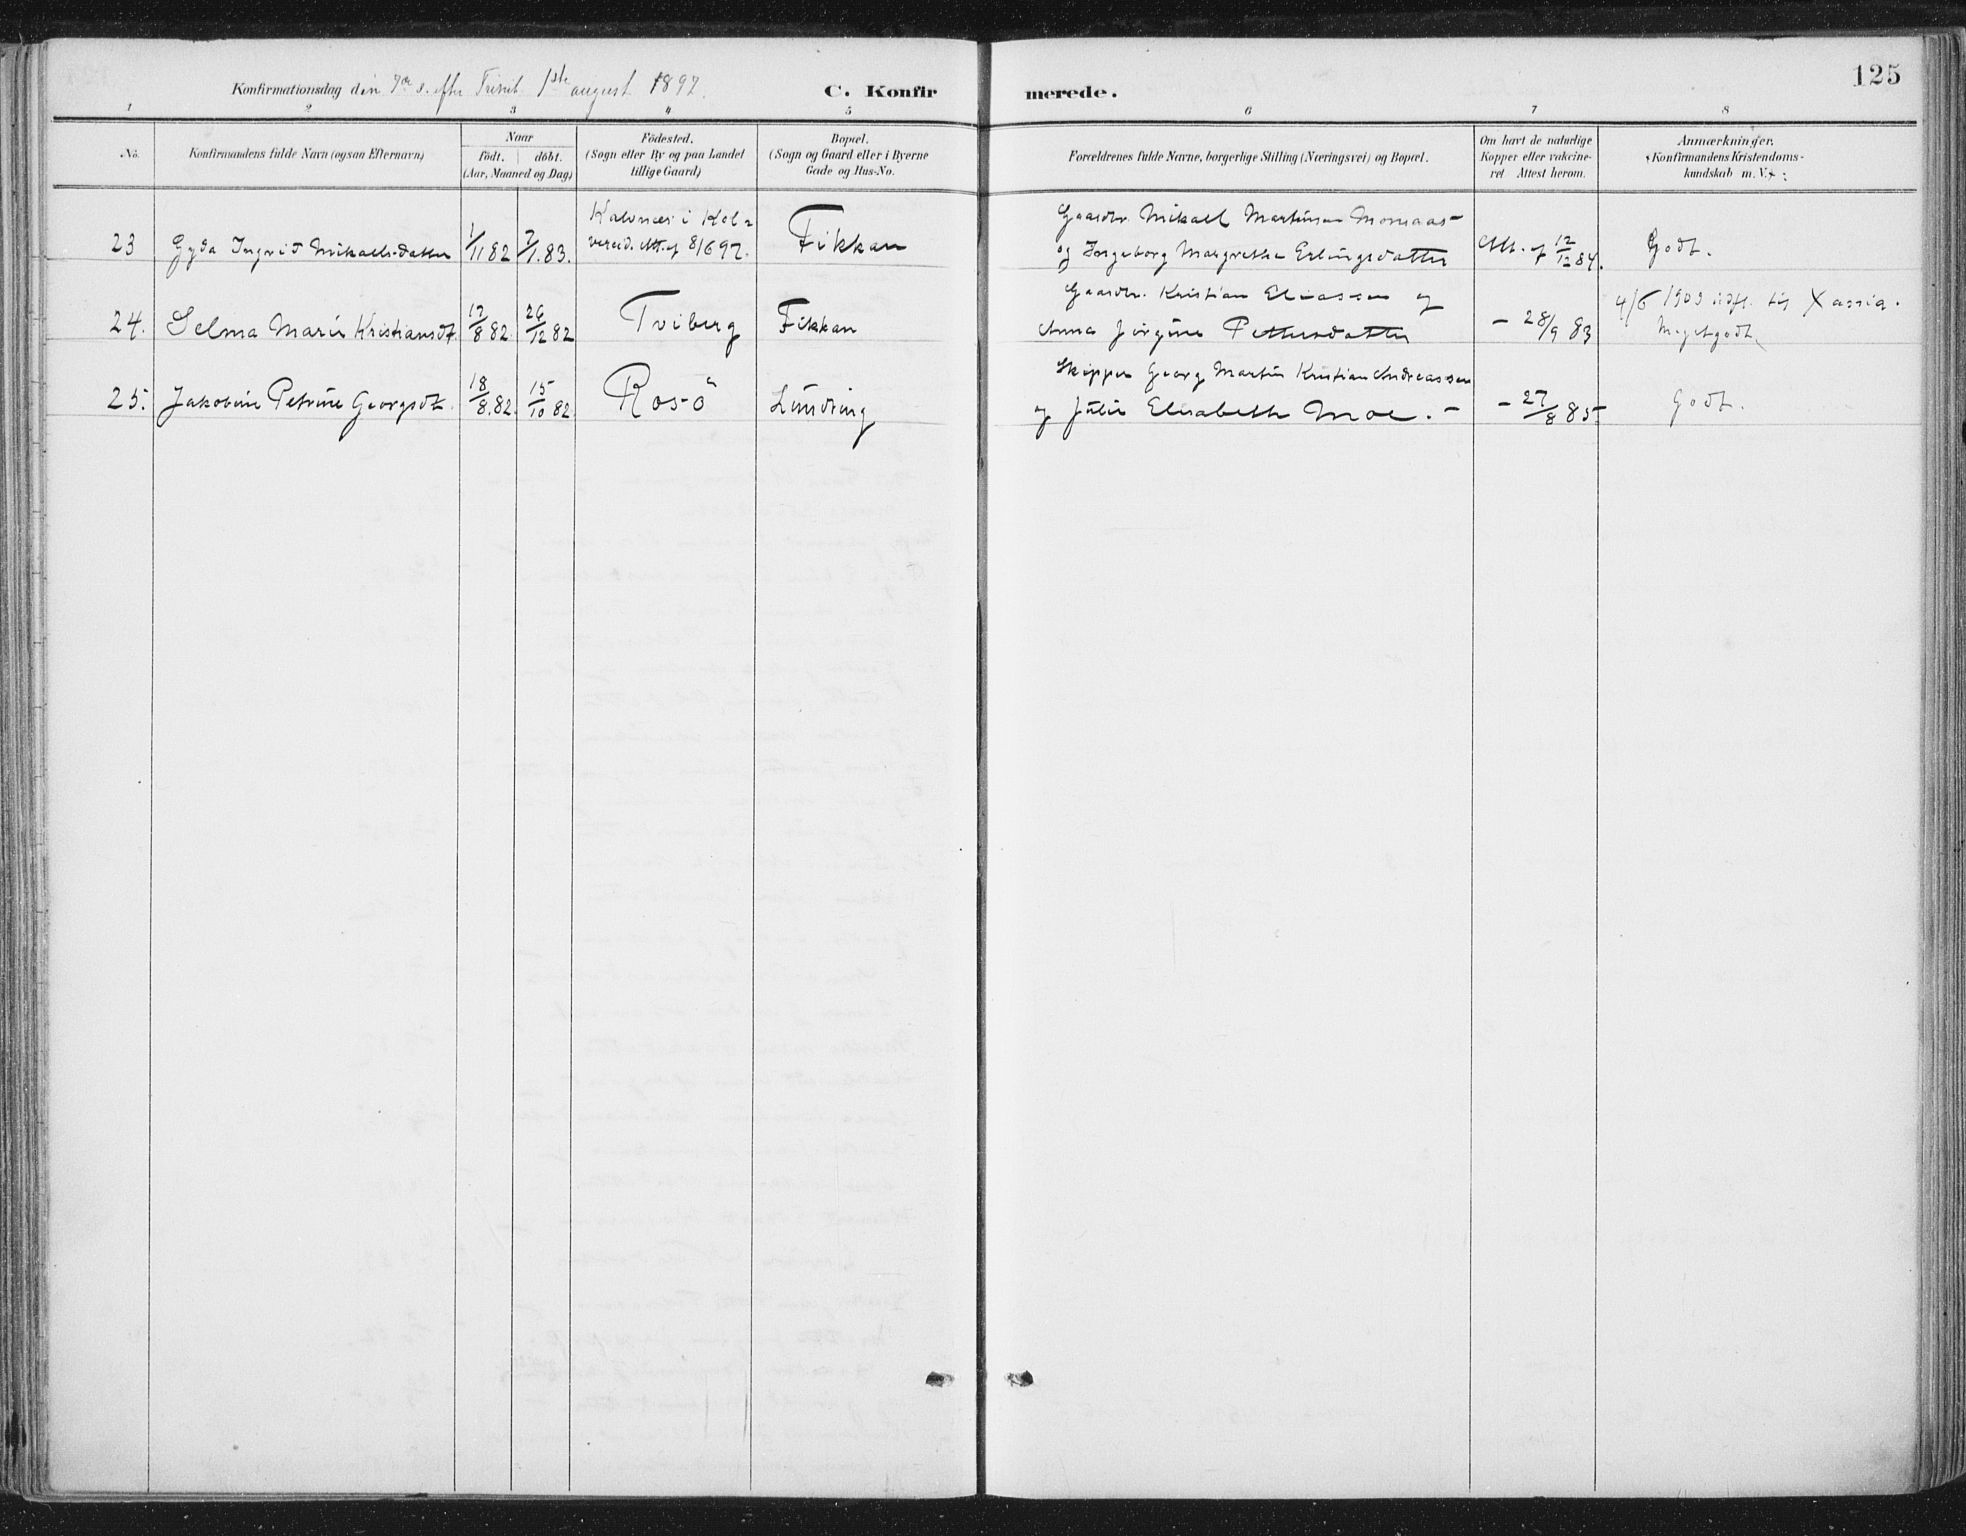 SAT, Ministerialprotokoller, klokkerbøker og fødselsregistre - Nord-Trøndelag, 784/L0673: Ministerialbok nr. 784A08, 1888-1899, s. 125